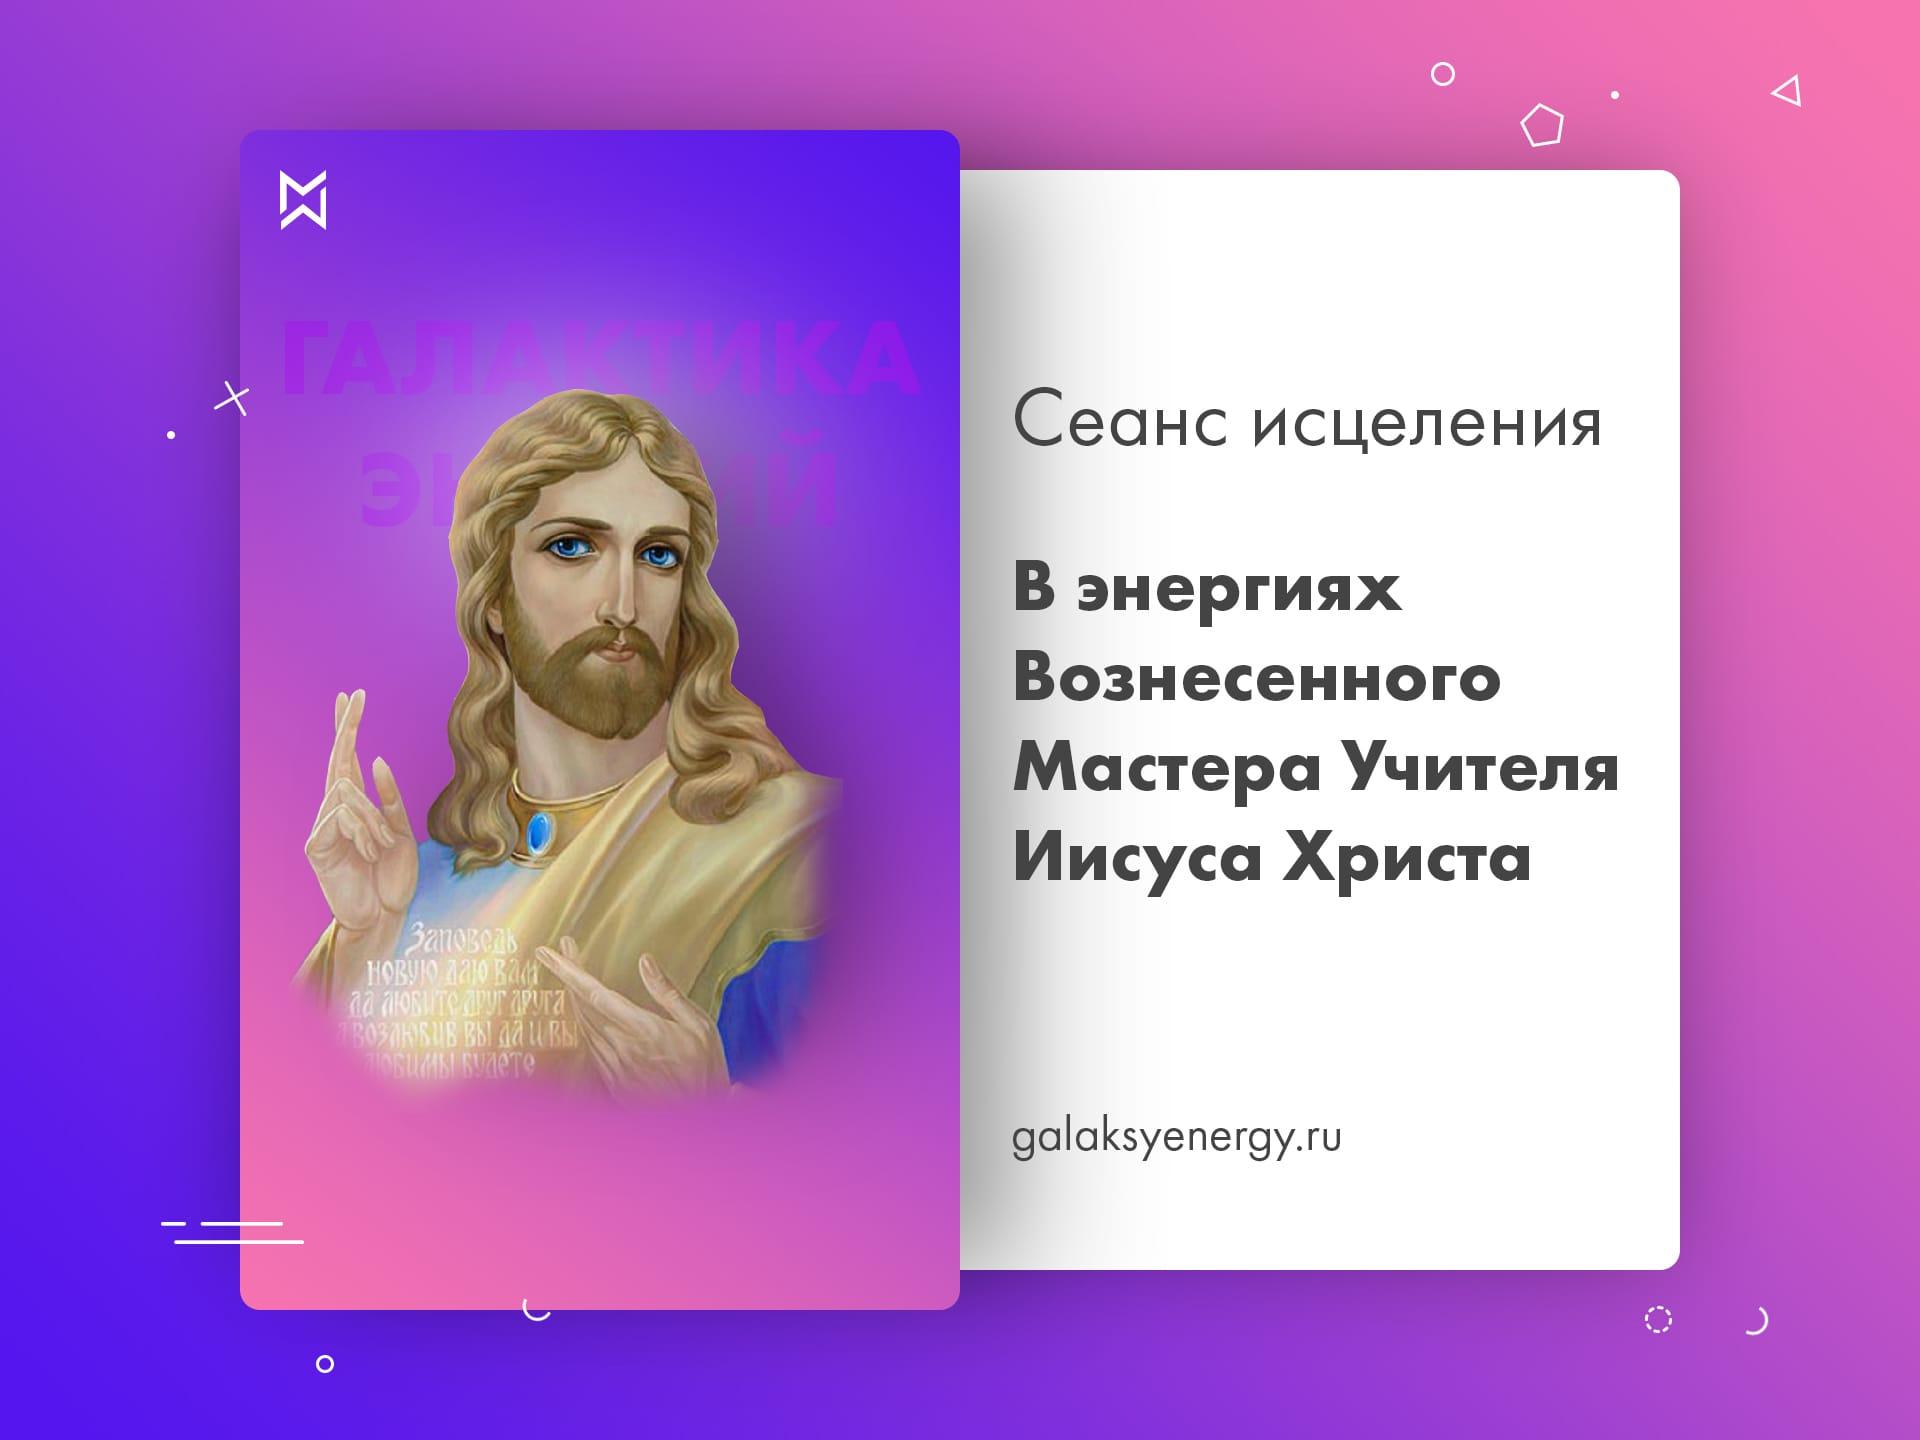 ФОТО ВОЗНЕСЕННОГО УЧИТЕЛЯ ИИСУСА ХРИСТА СКАЧАТЬ БЕСПЛАТНО